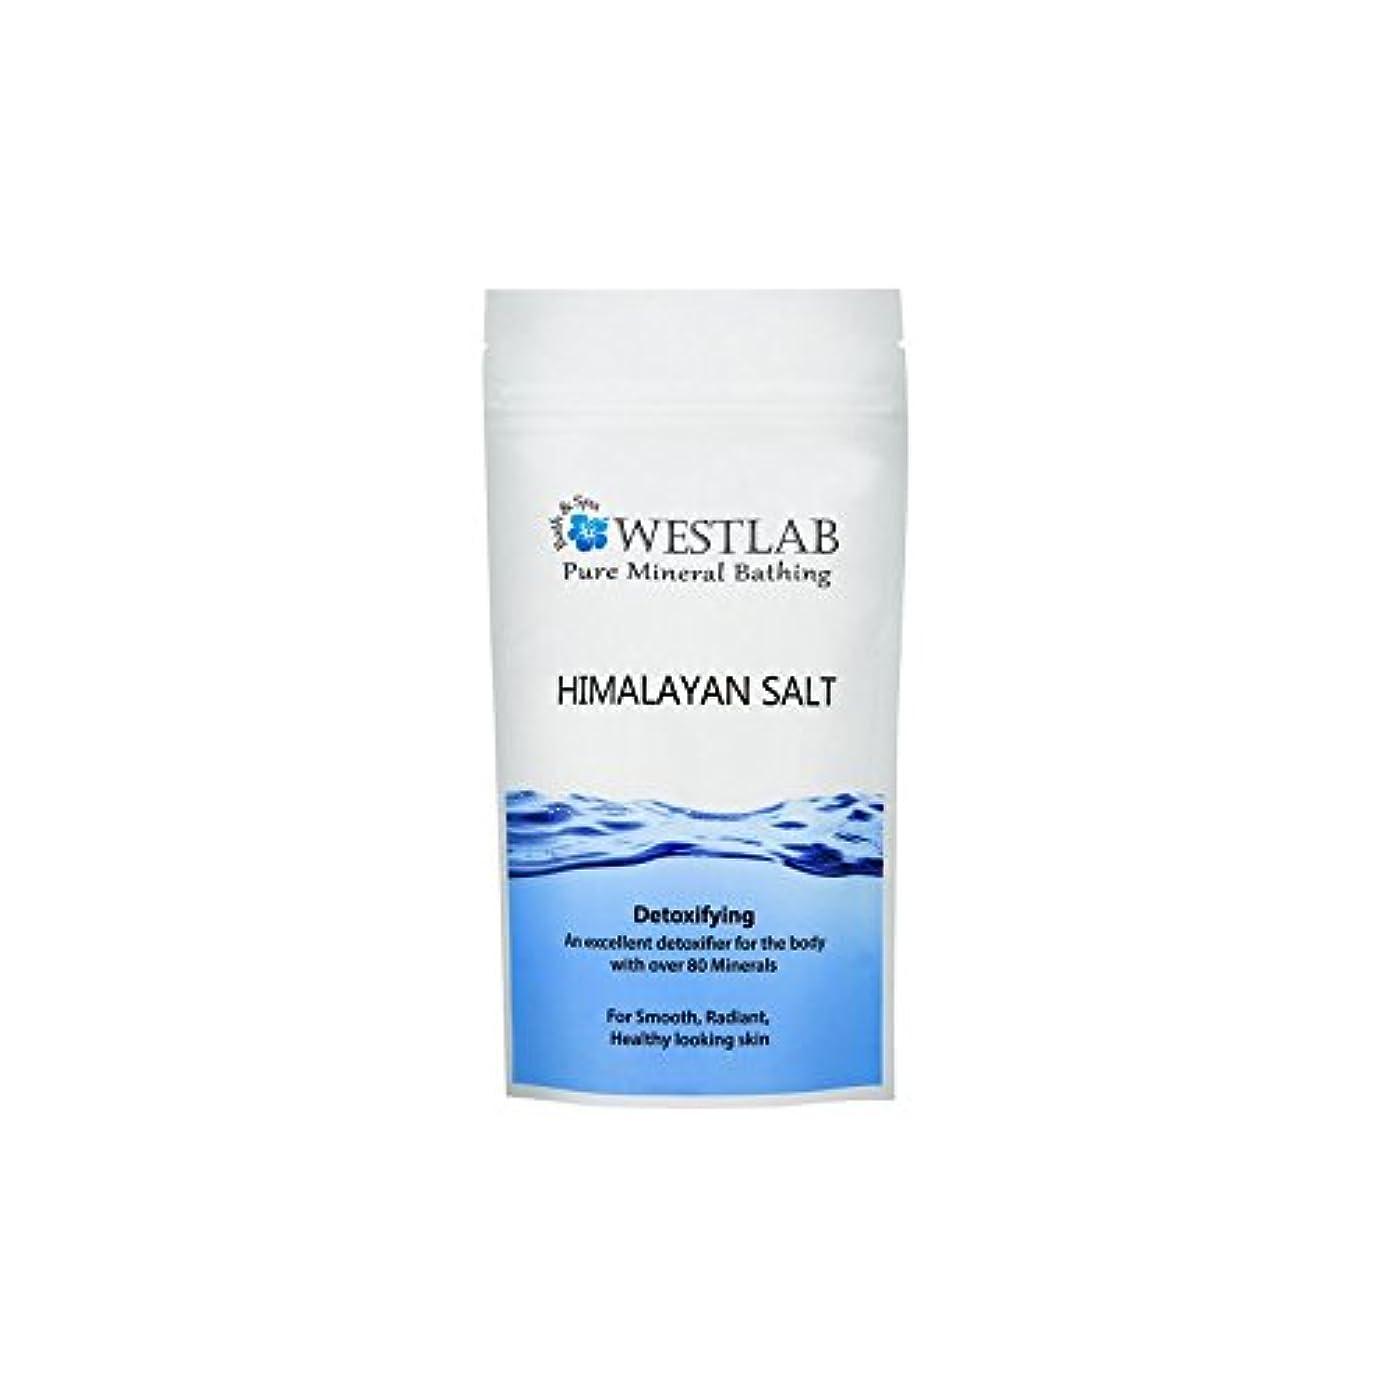 金曜日それぞれ毛細血管ヒマラヤの塩500グラム x2 - Westlab Himalayan Salt 500g (Pack of 2) [並行輸入品]